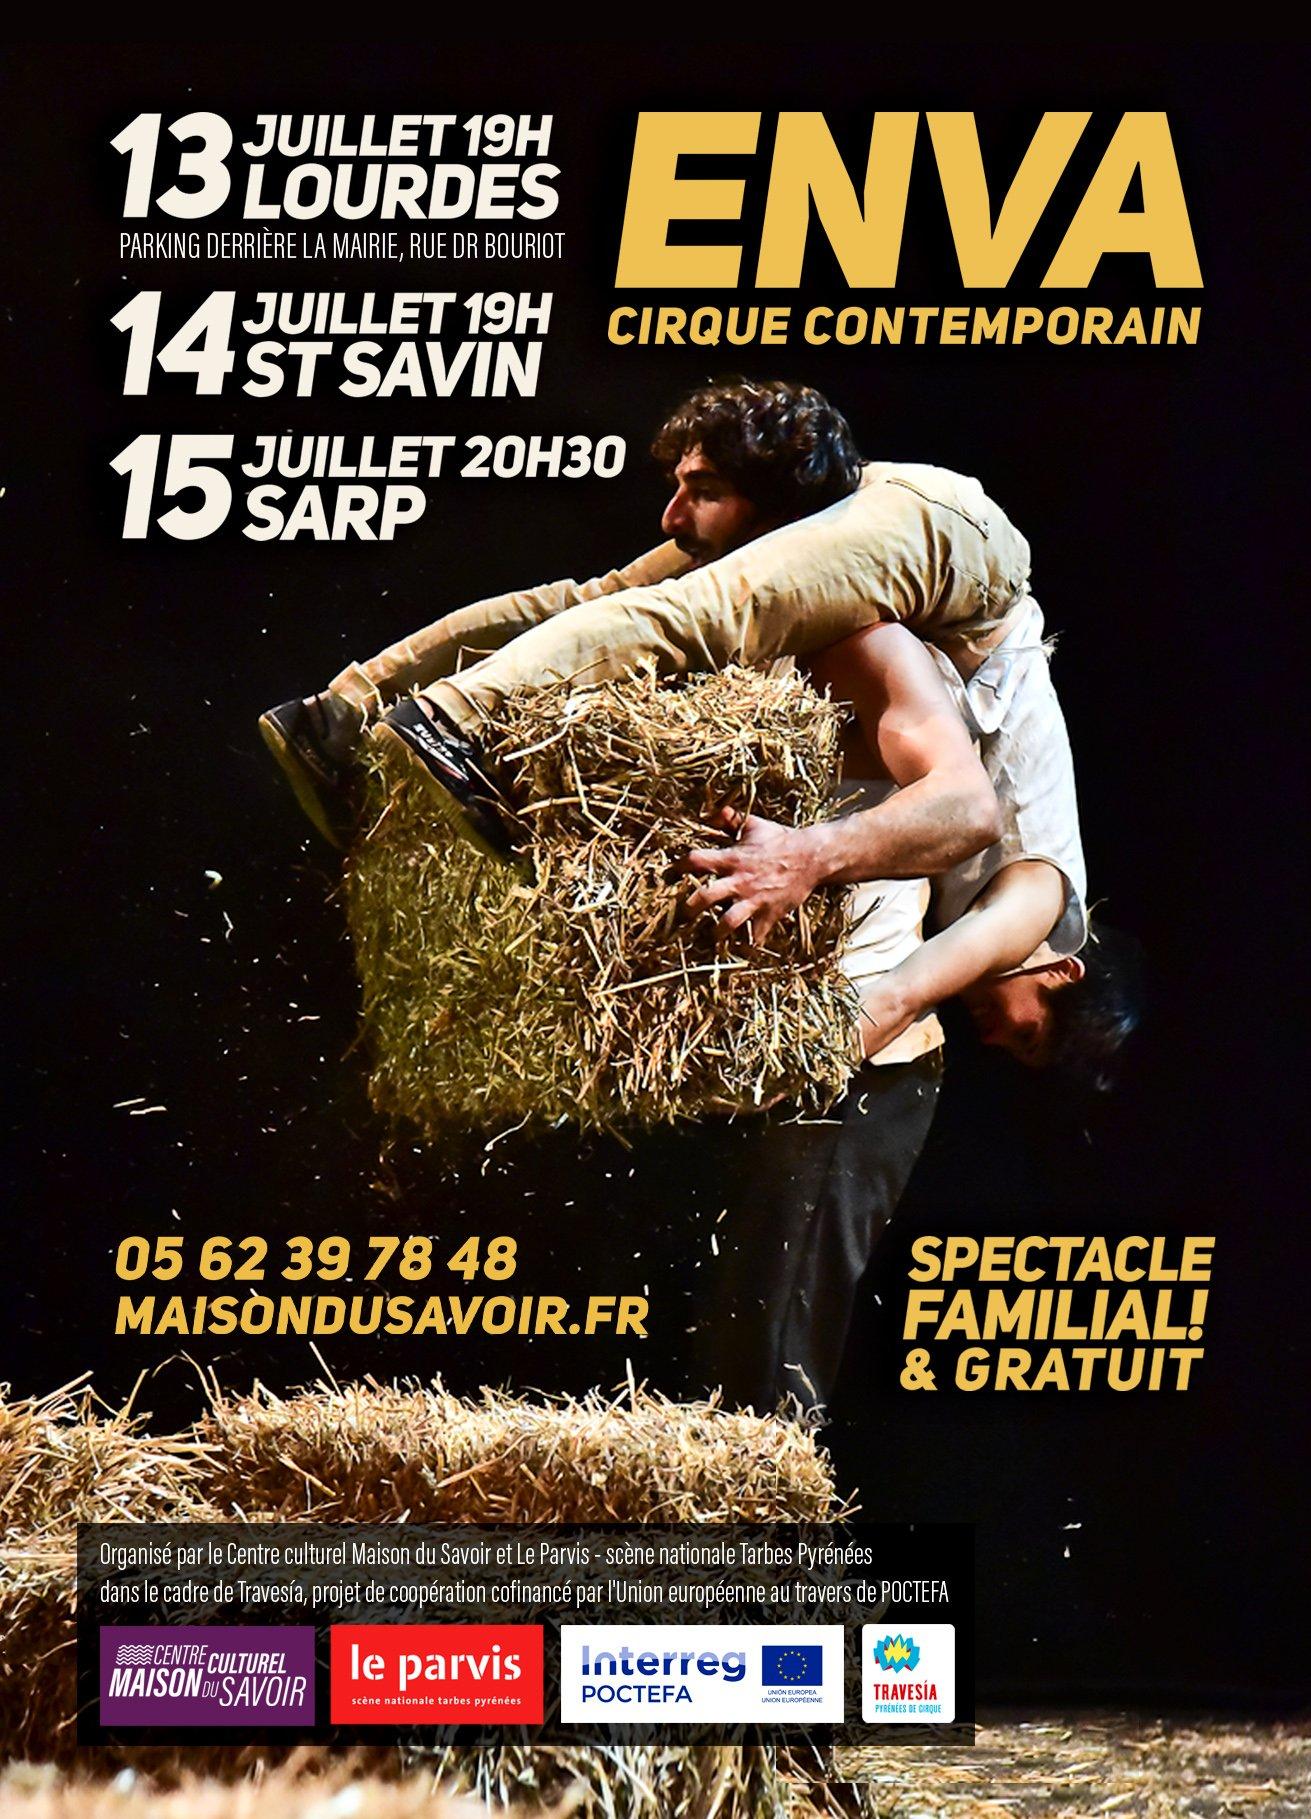 Cirque Contemporain ENVA   Amer y Africa